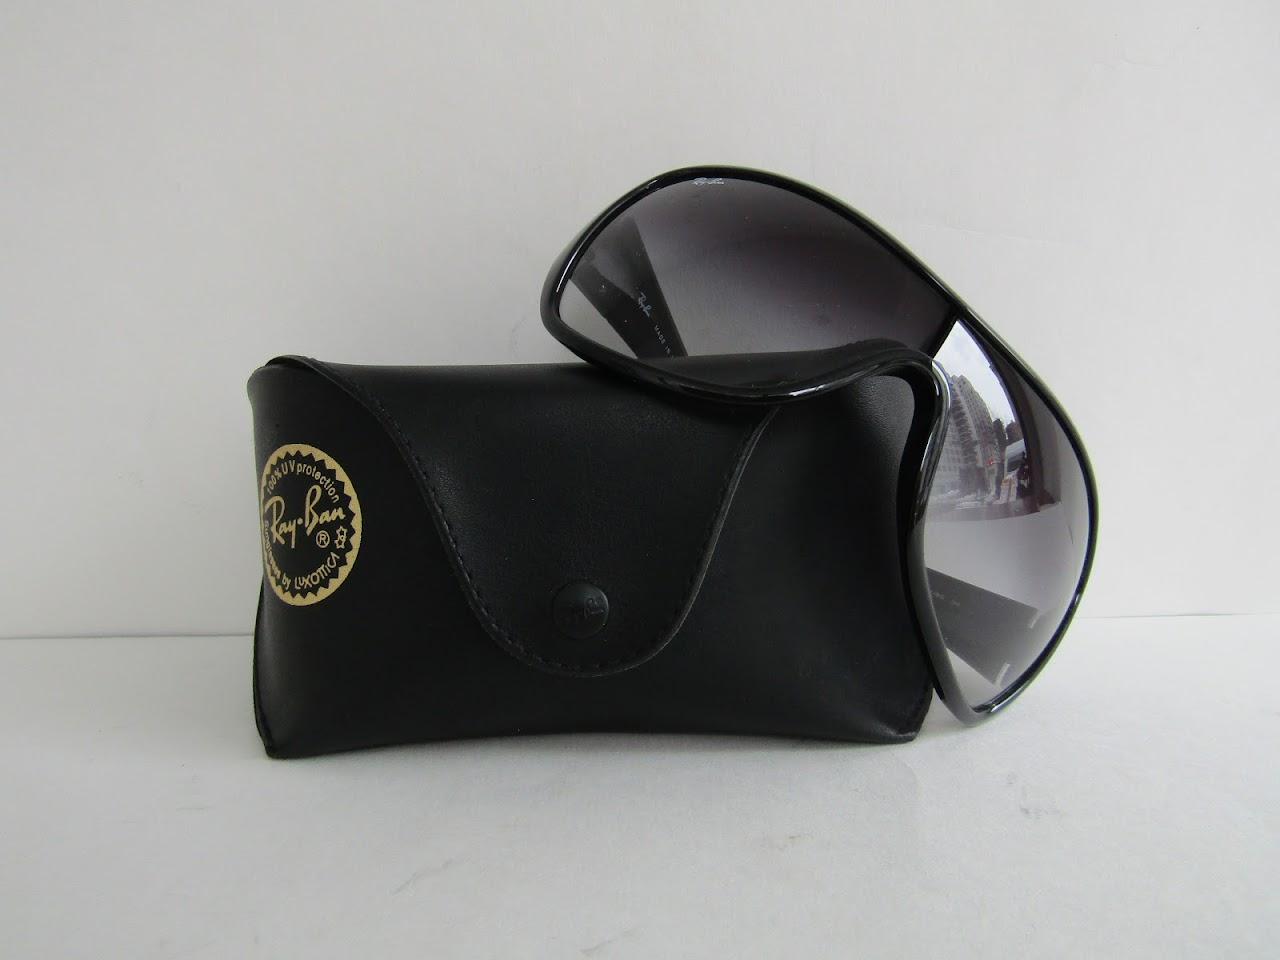 Ray Ban Shield Sunglasses